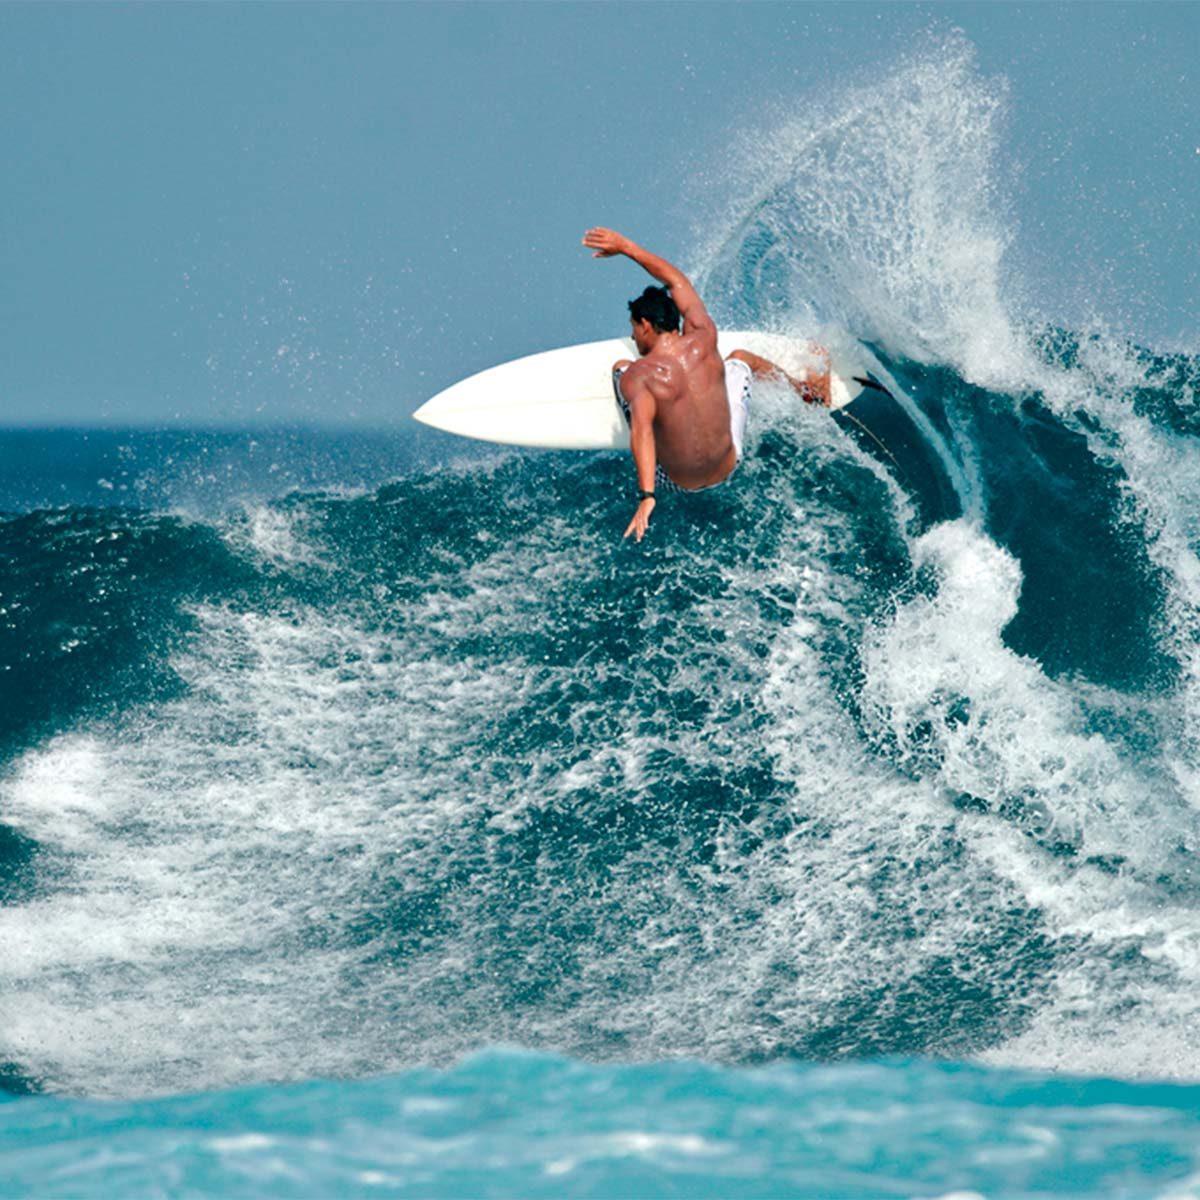 surfing guy